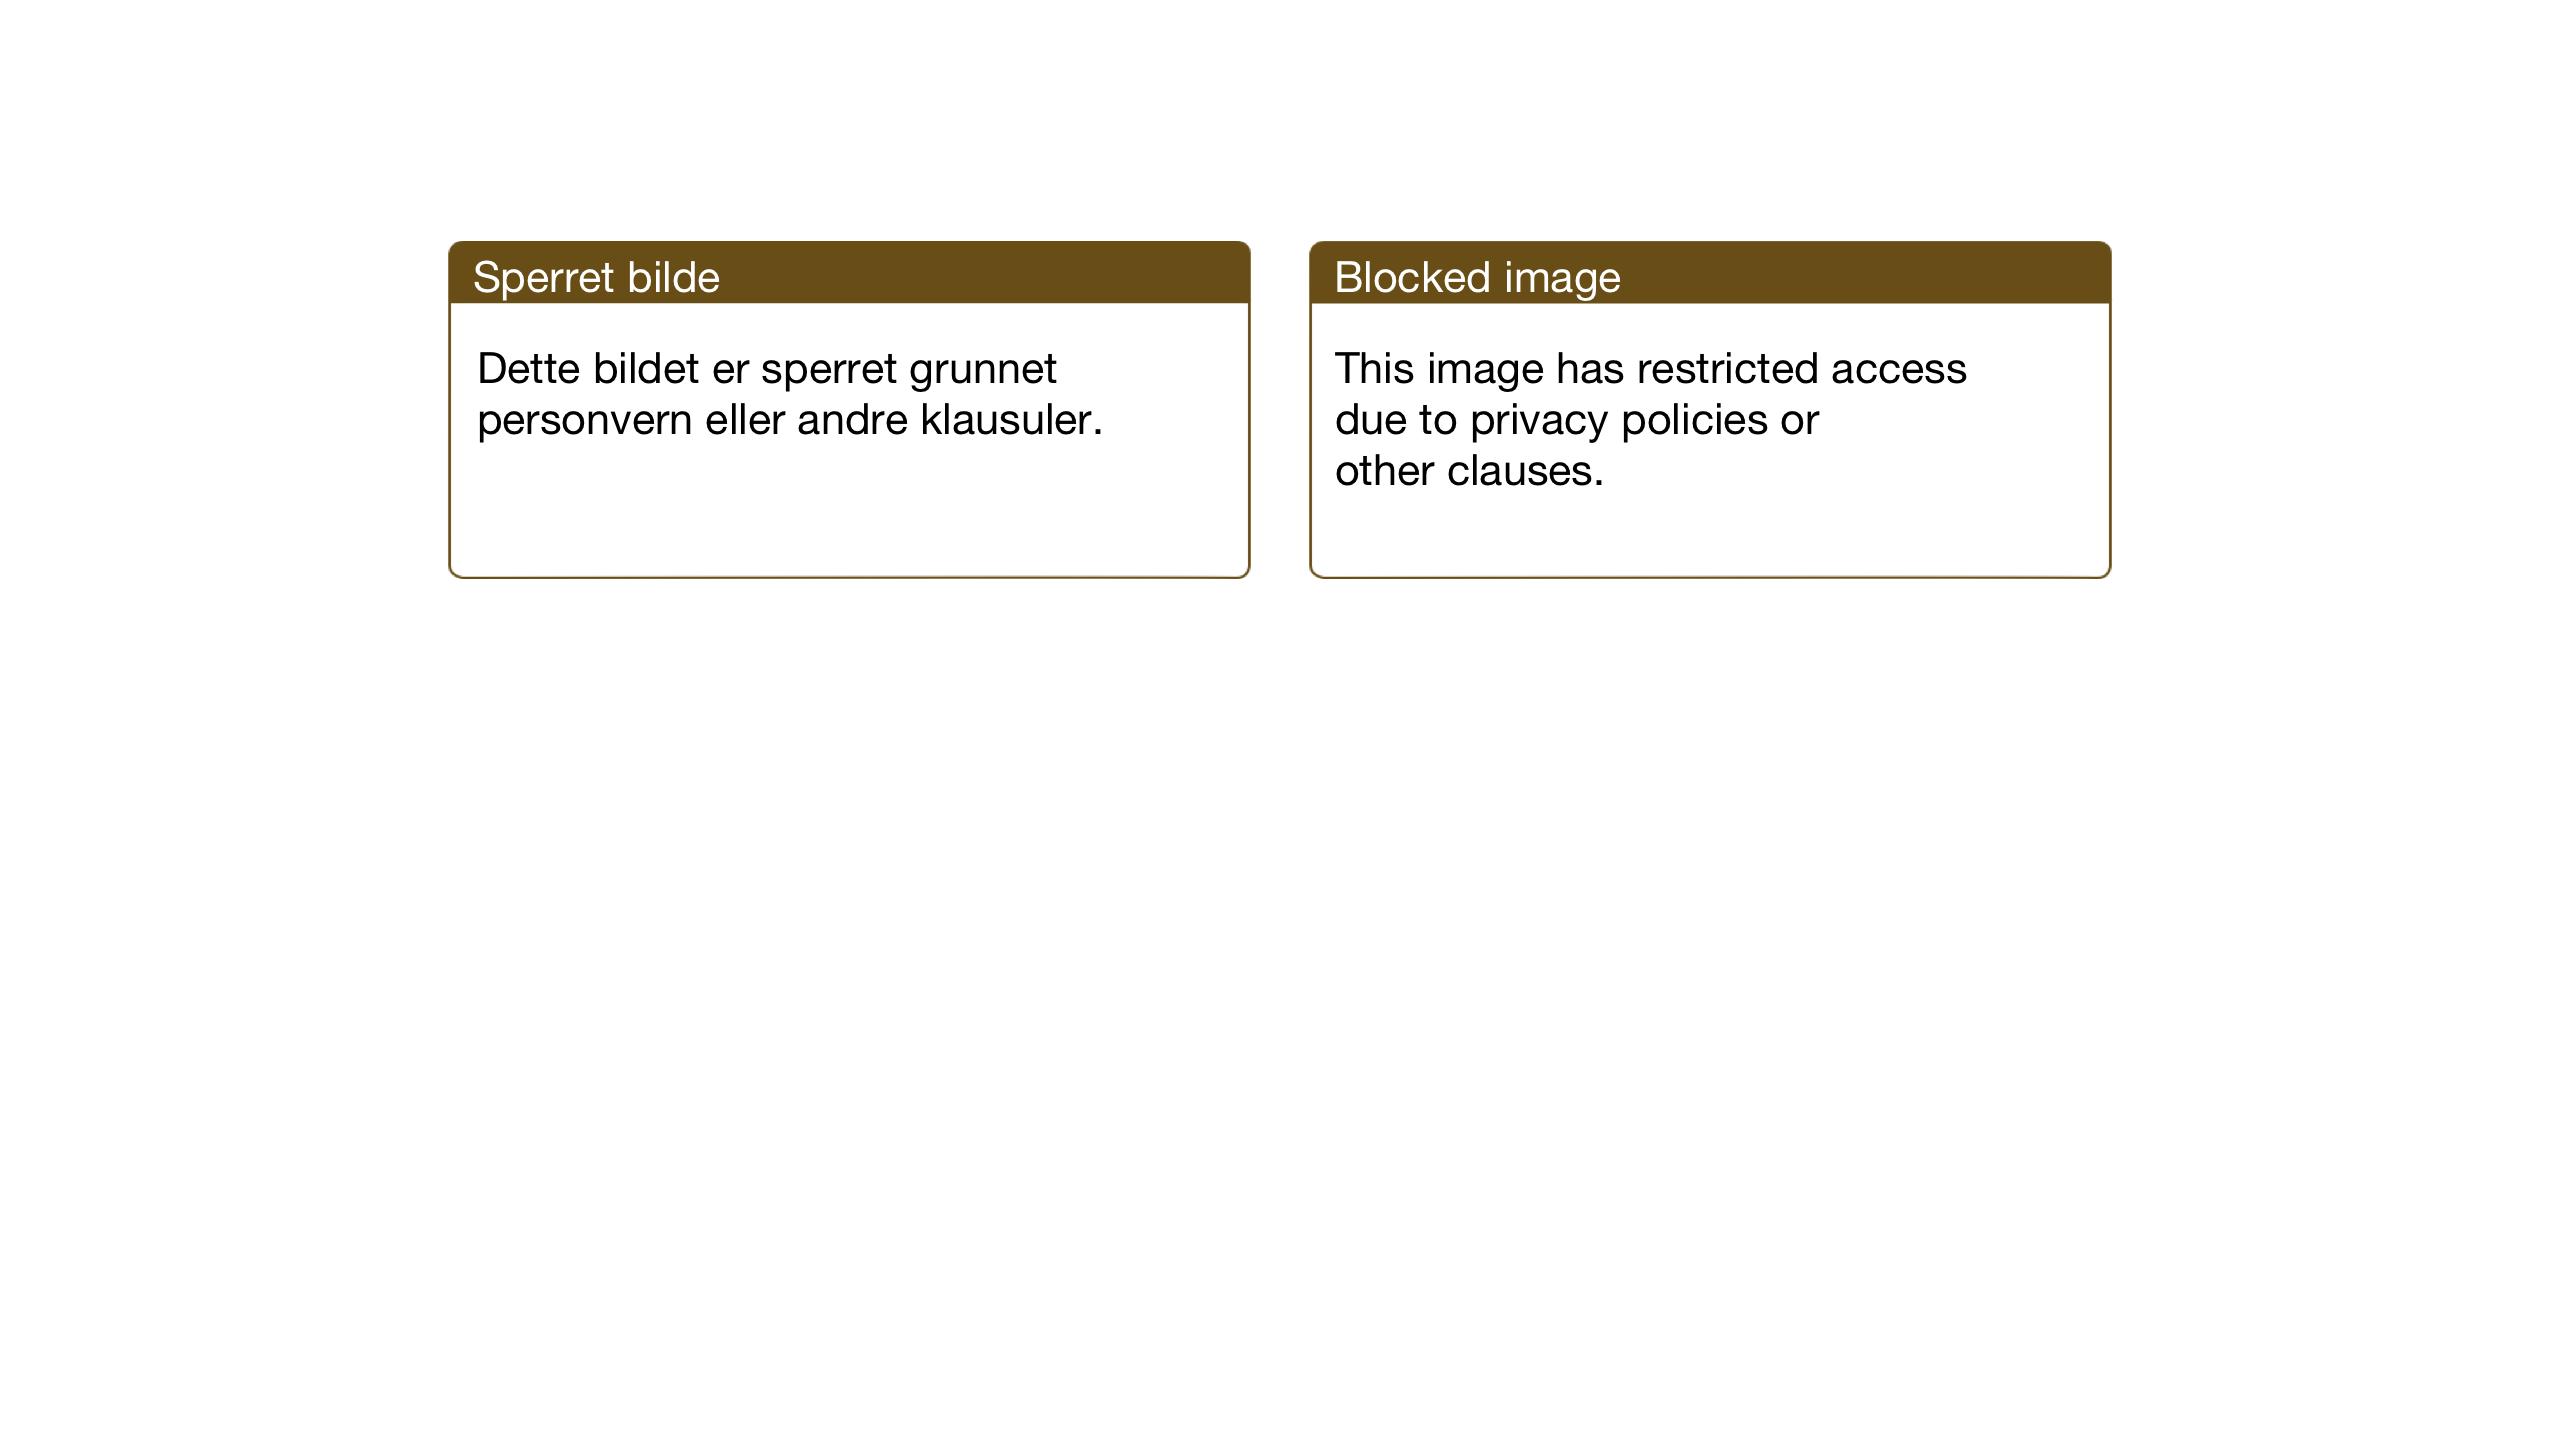 SAT, Ministerialprotokoller, klokkerbøker og fødselsregistre - Sør-Trøndelag, 604/L0210: Ministerialbok nr. 604A30, 1932-1946, s. 150